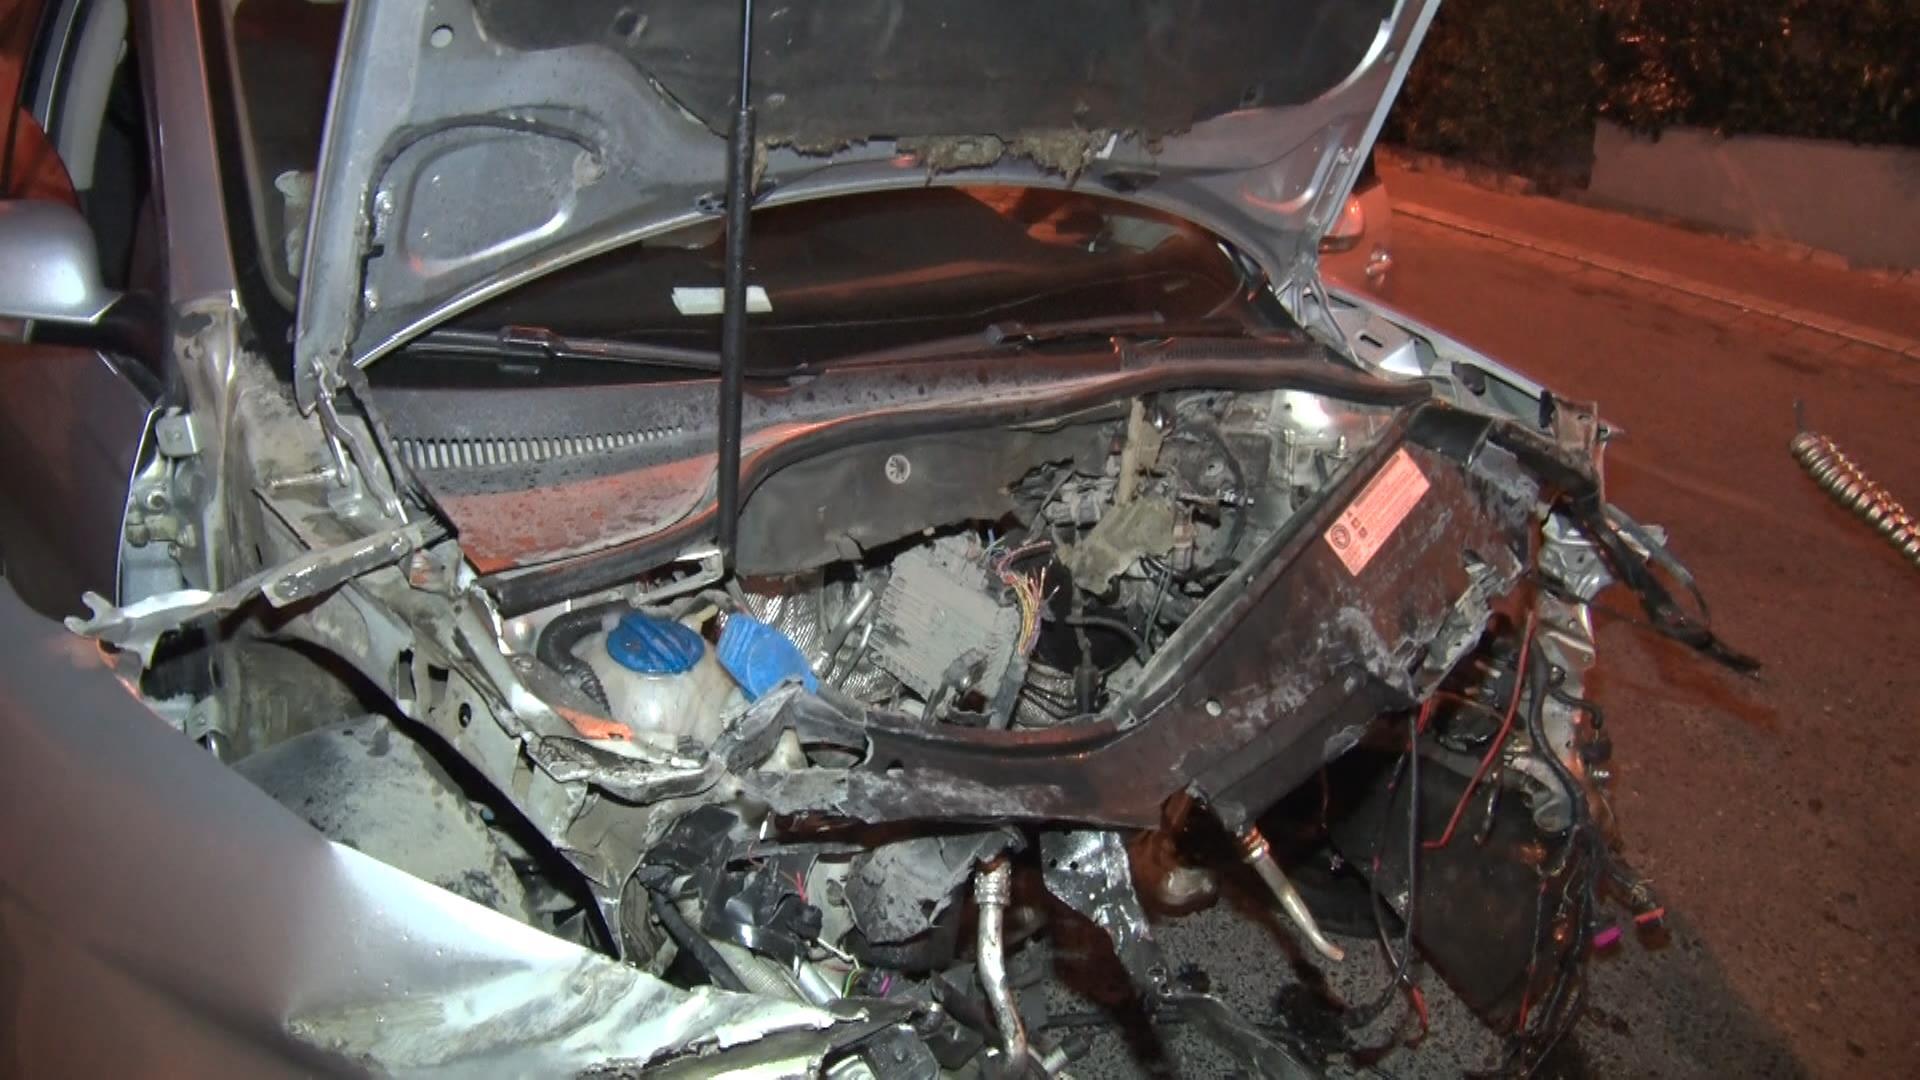 otomobil-bariyerlere-carpti-yola-dokulen-yag-ve-parcalar-ikinci-kazaya-neden-oldu-8401-dhaphoto3.jpg